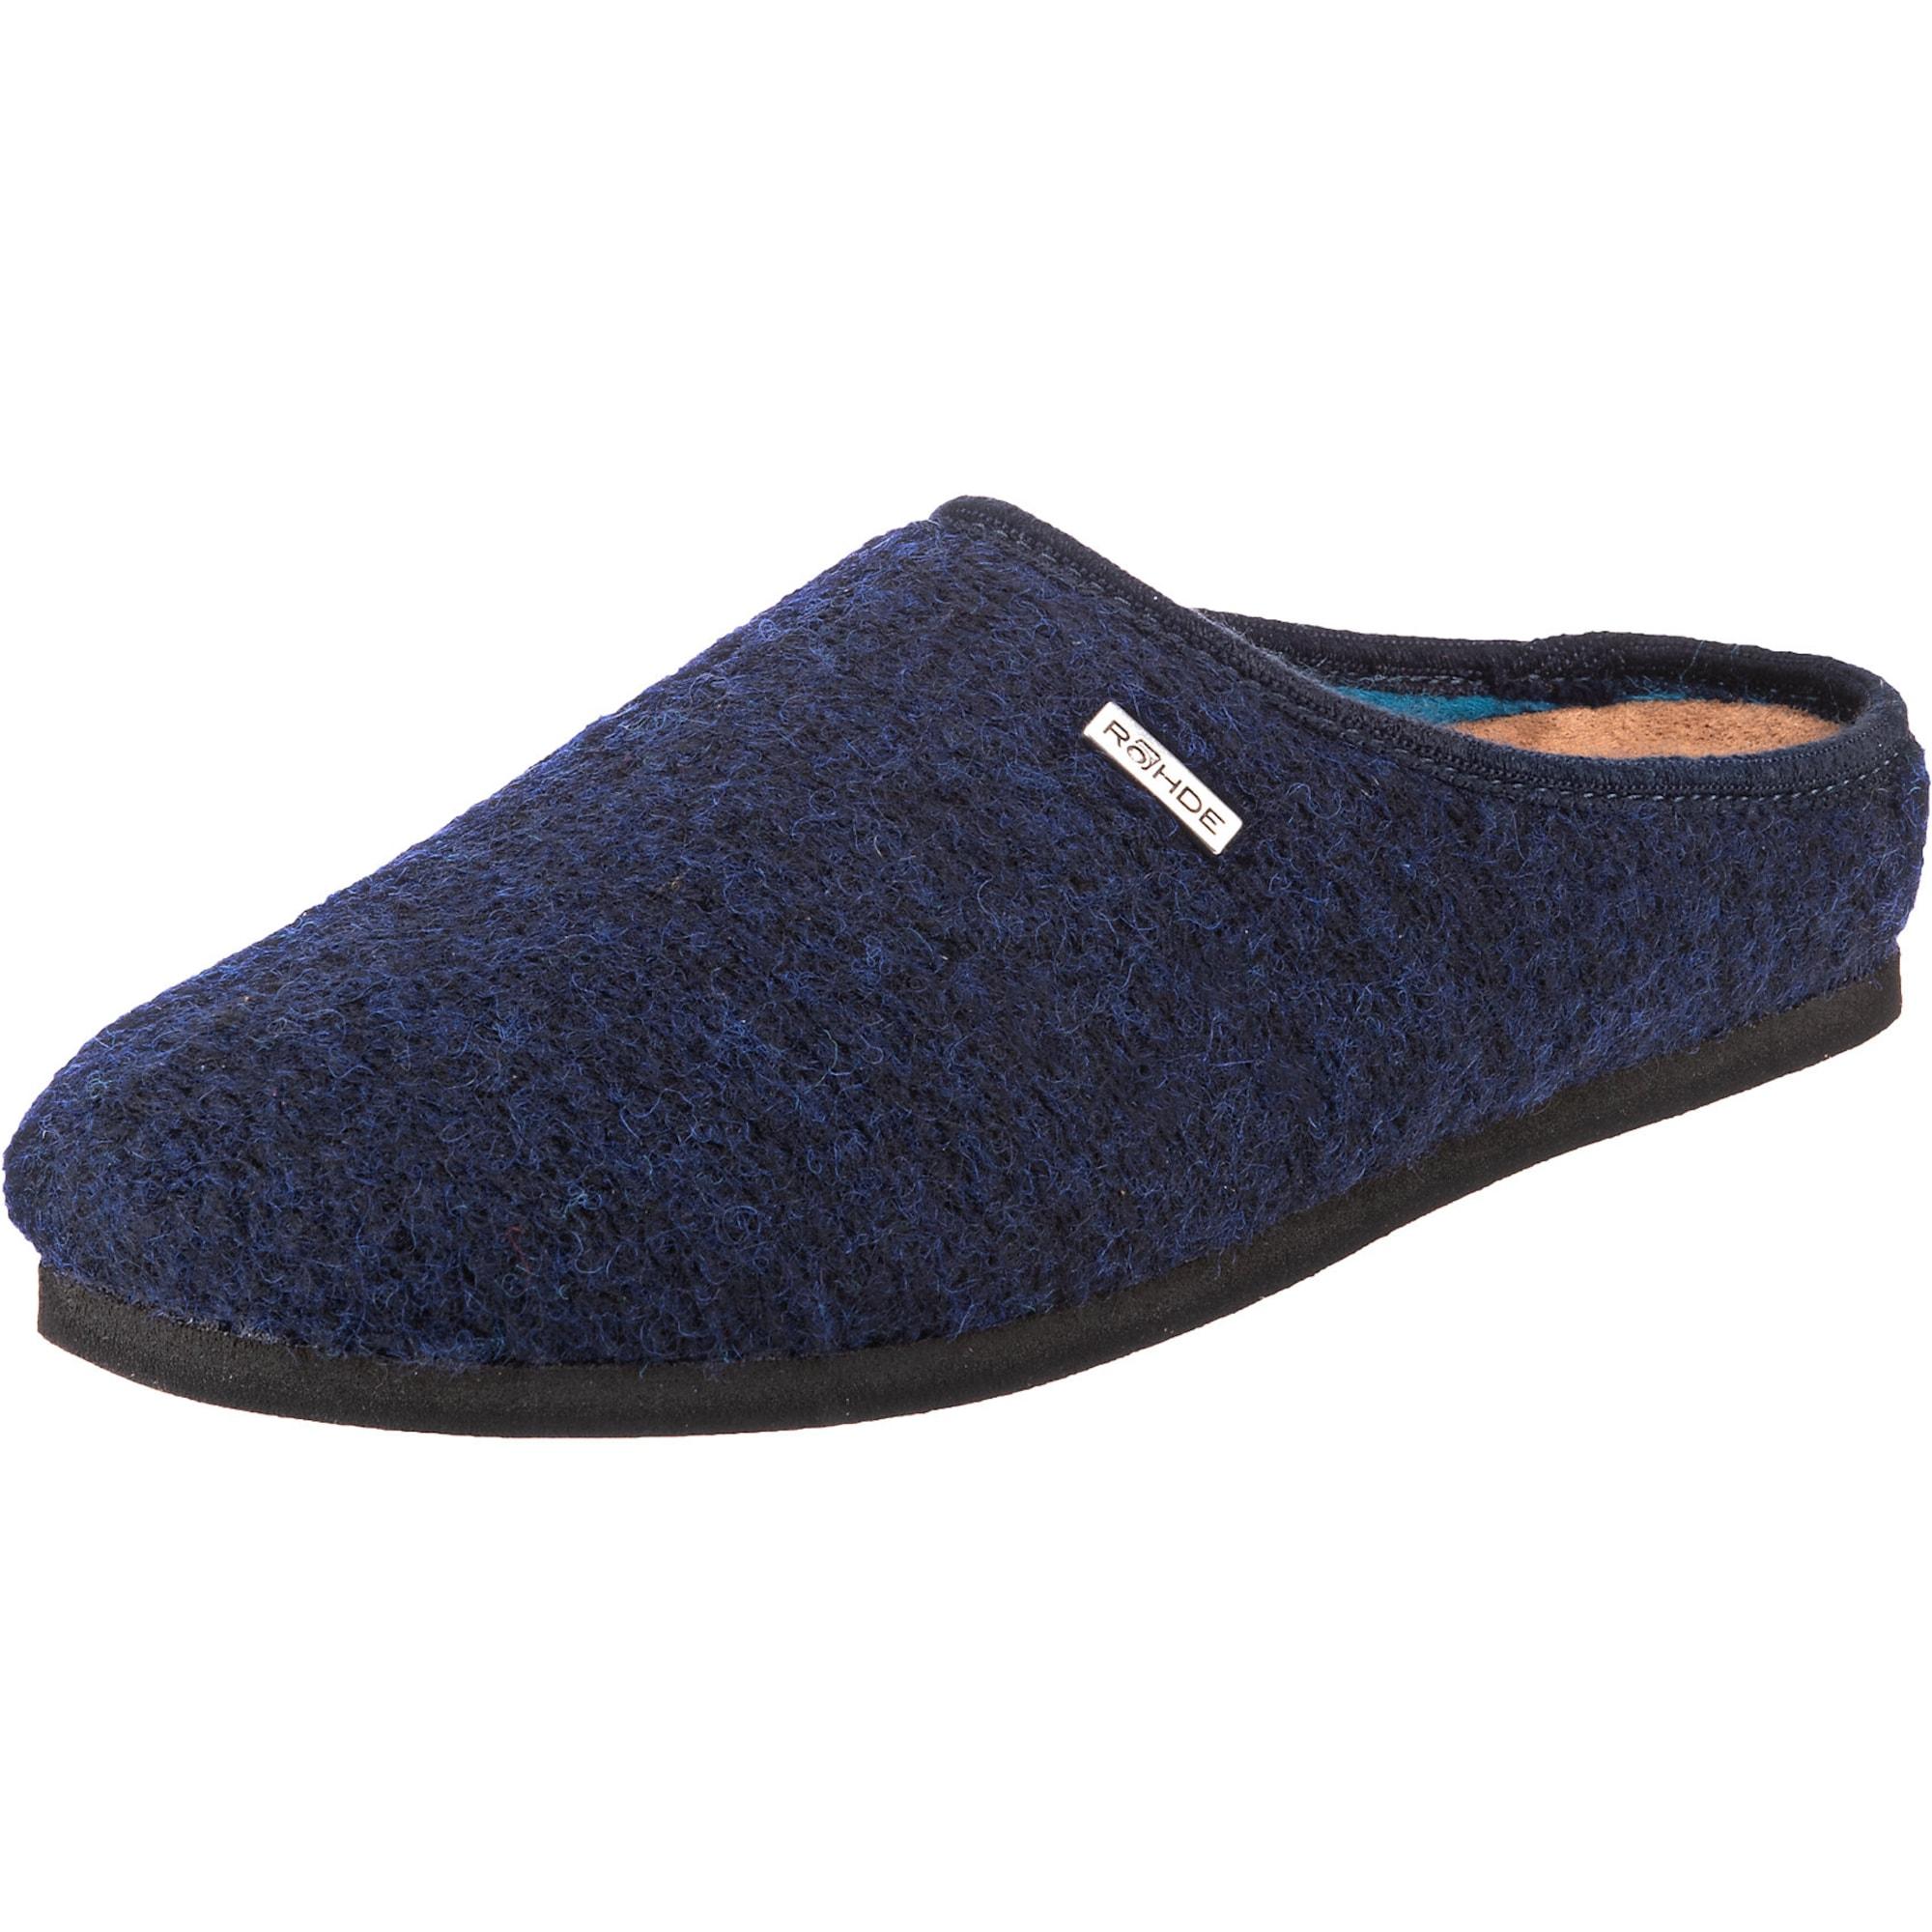 Pantoffeln | Schuhe > Hausschuhe > Pantoffeln | ROHDE